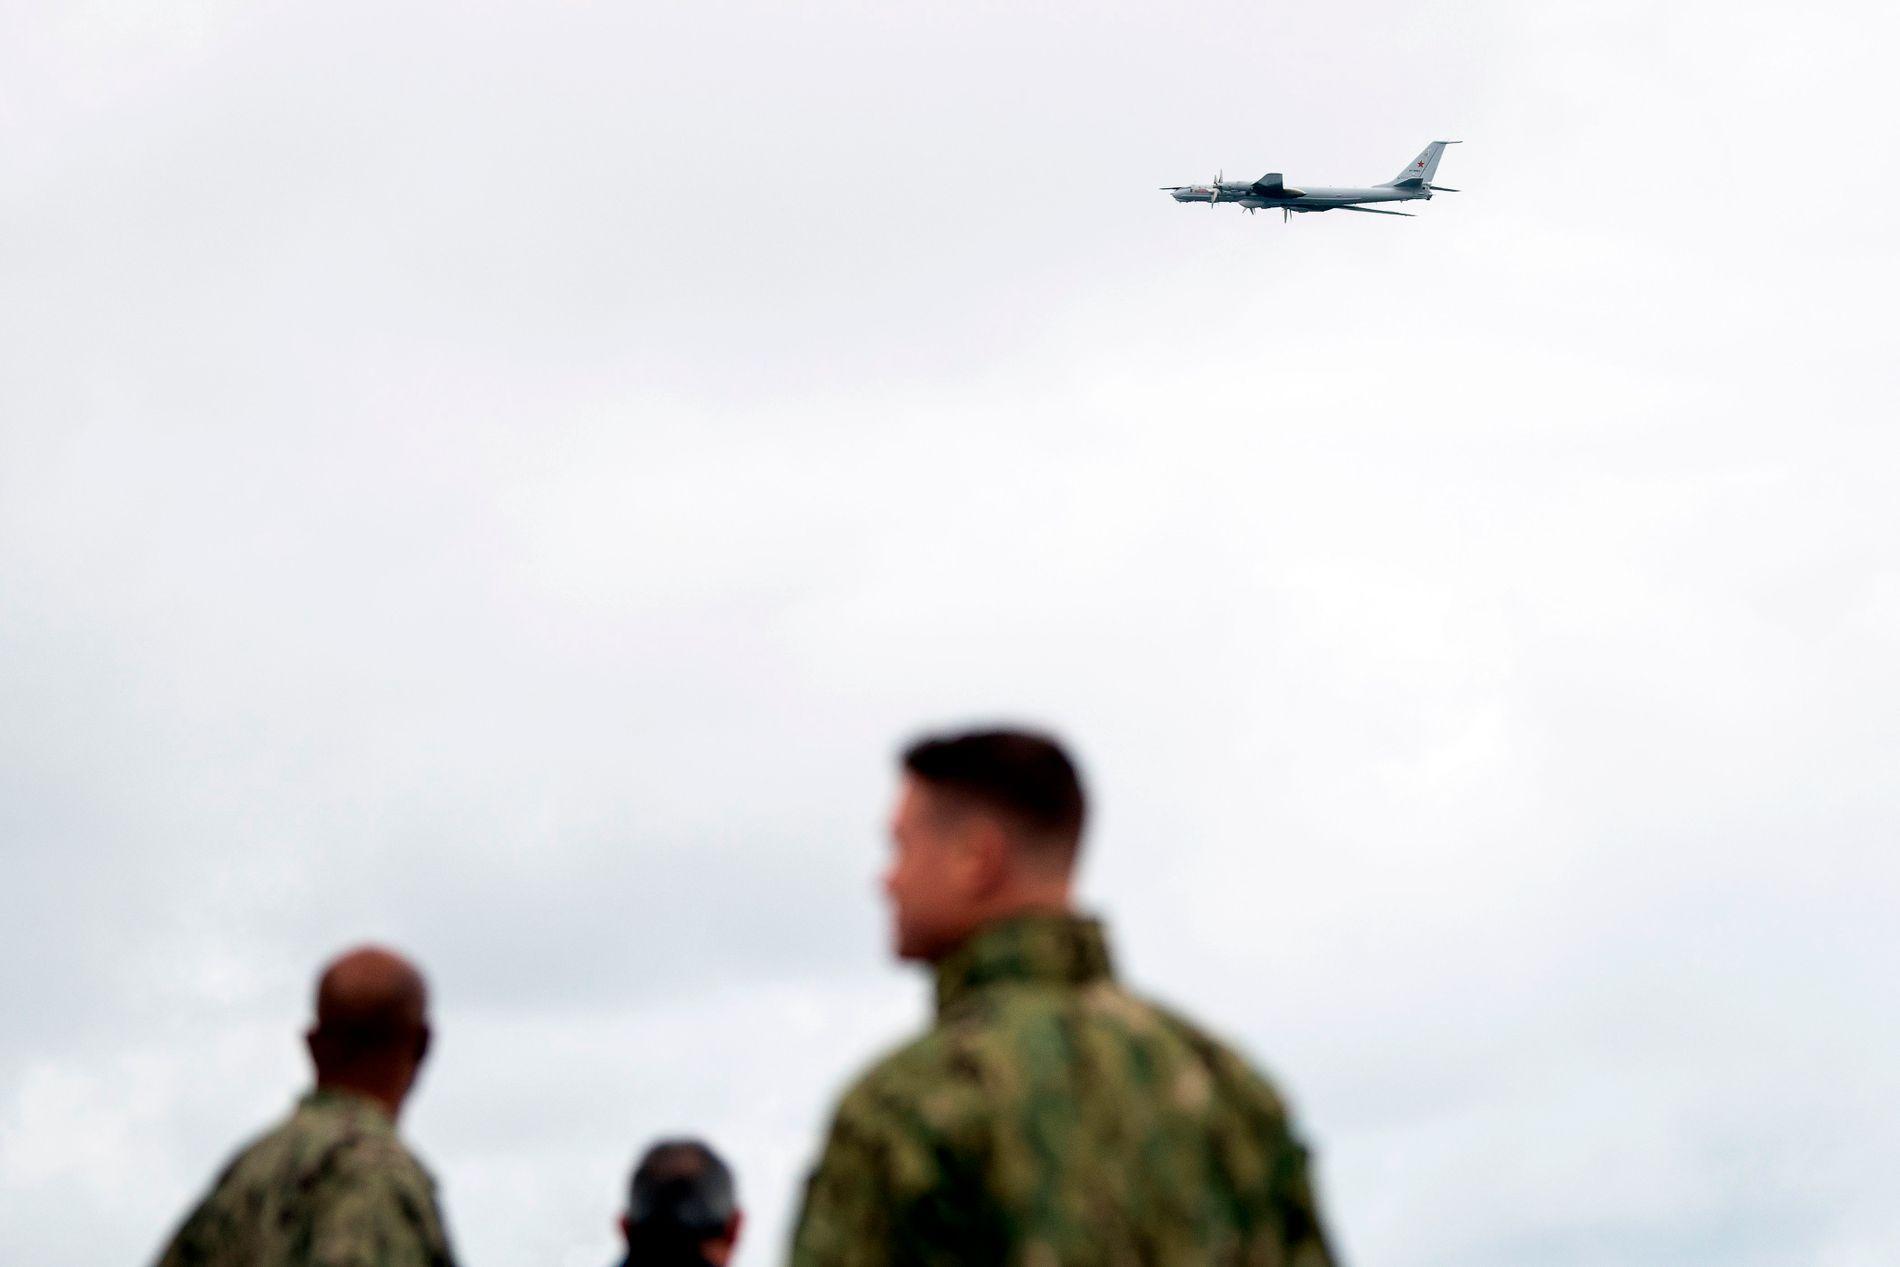 SVISJ: Et russisk rekognoseringsfly, Tupolev TU-142, flyr over det amerikanske kommandoskipet Mount Whitney, 2. november, under den store NATO-øvelsen i Trondheim, Trident Juncture.